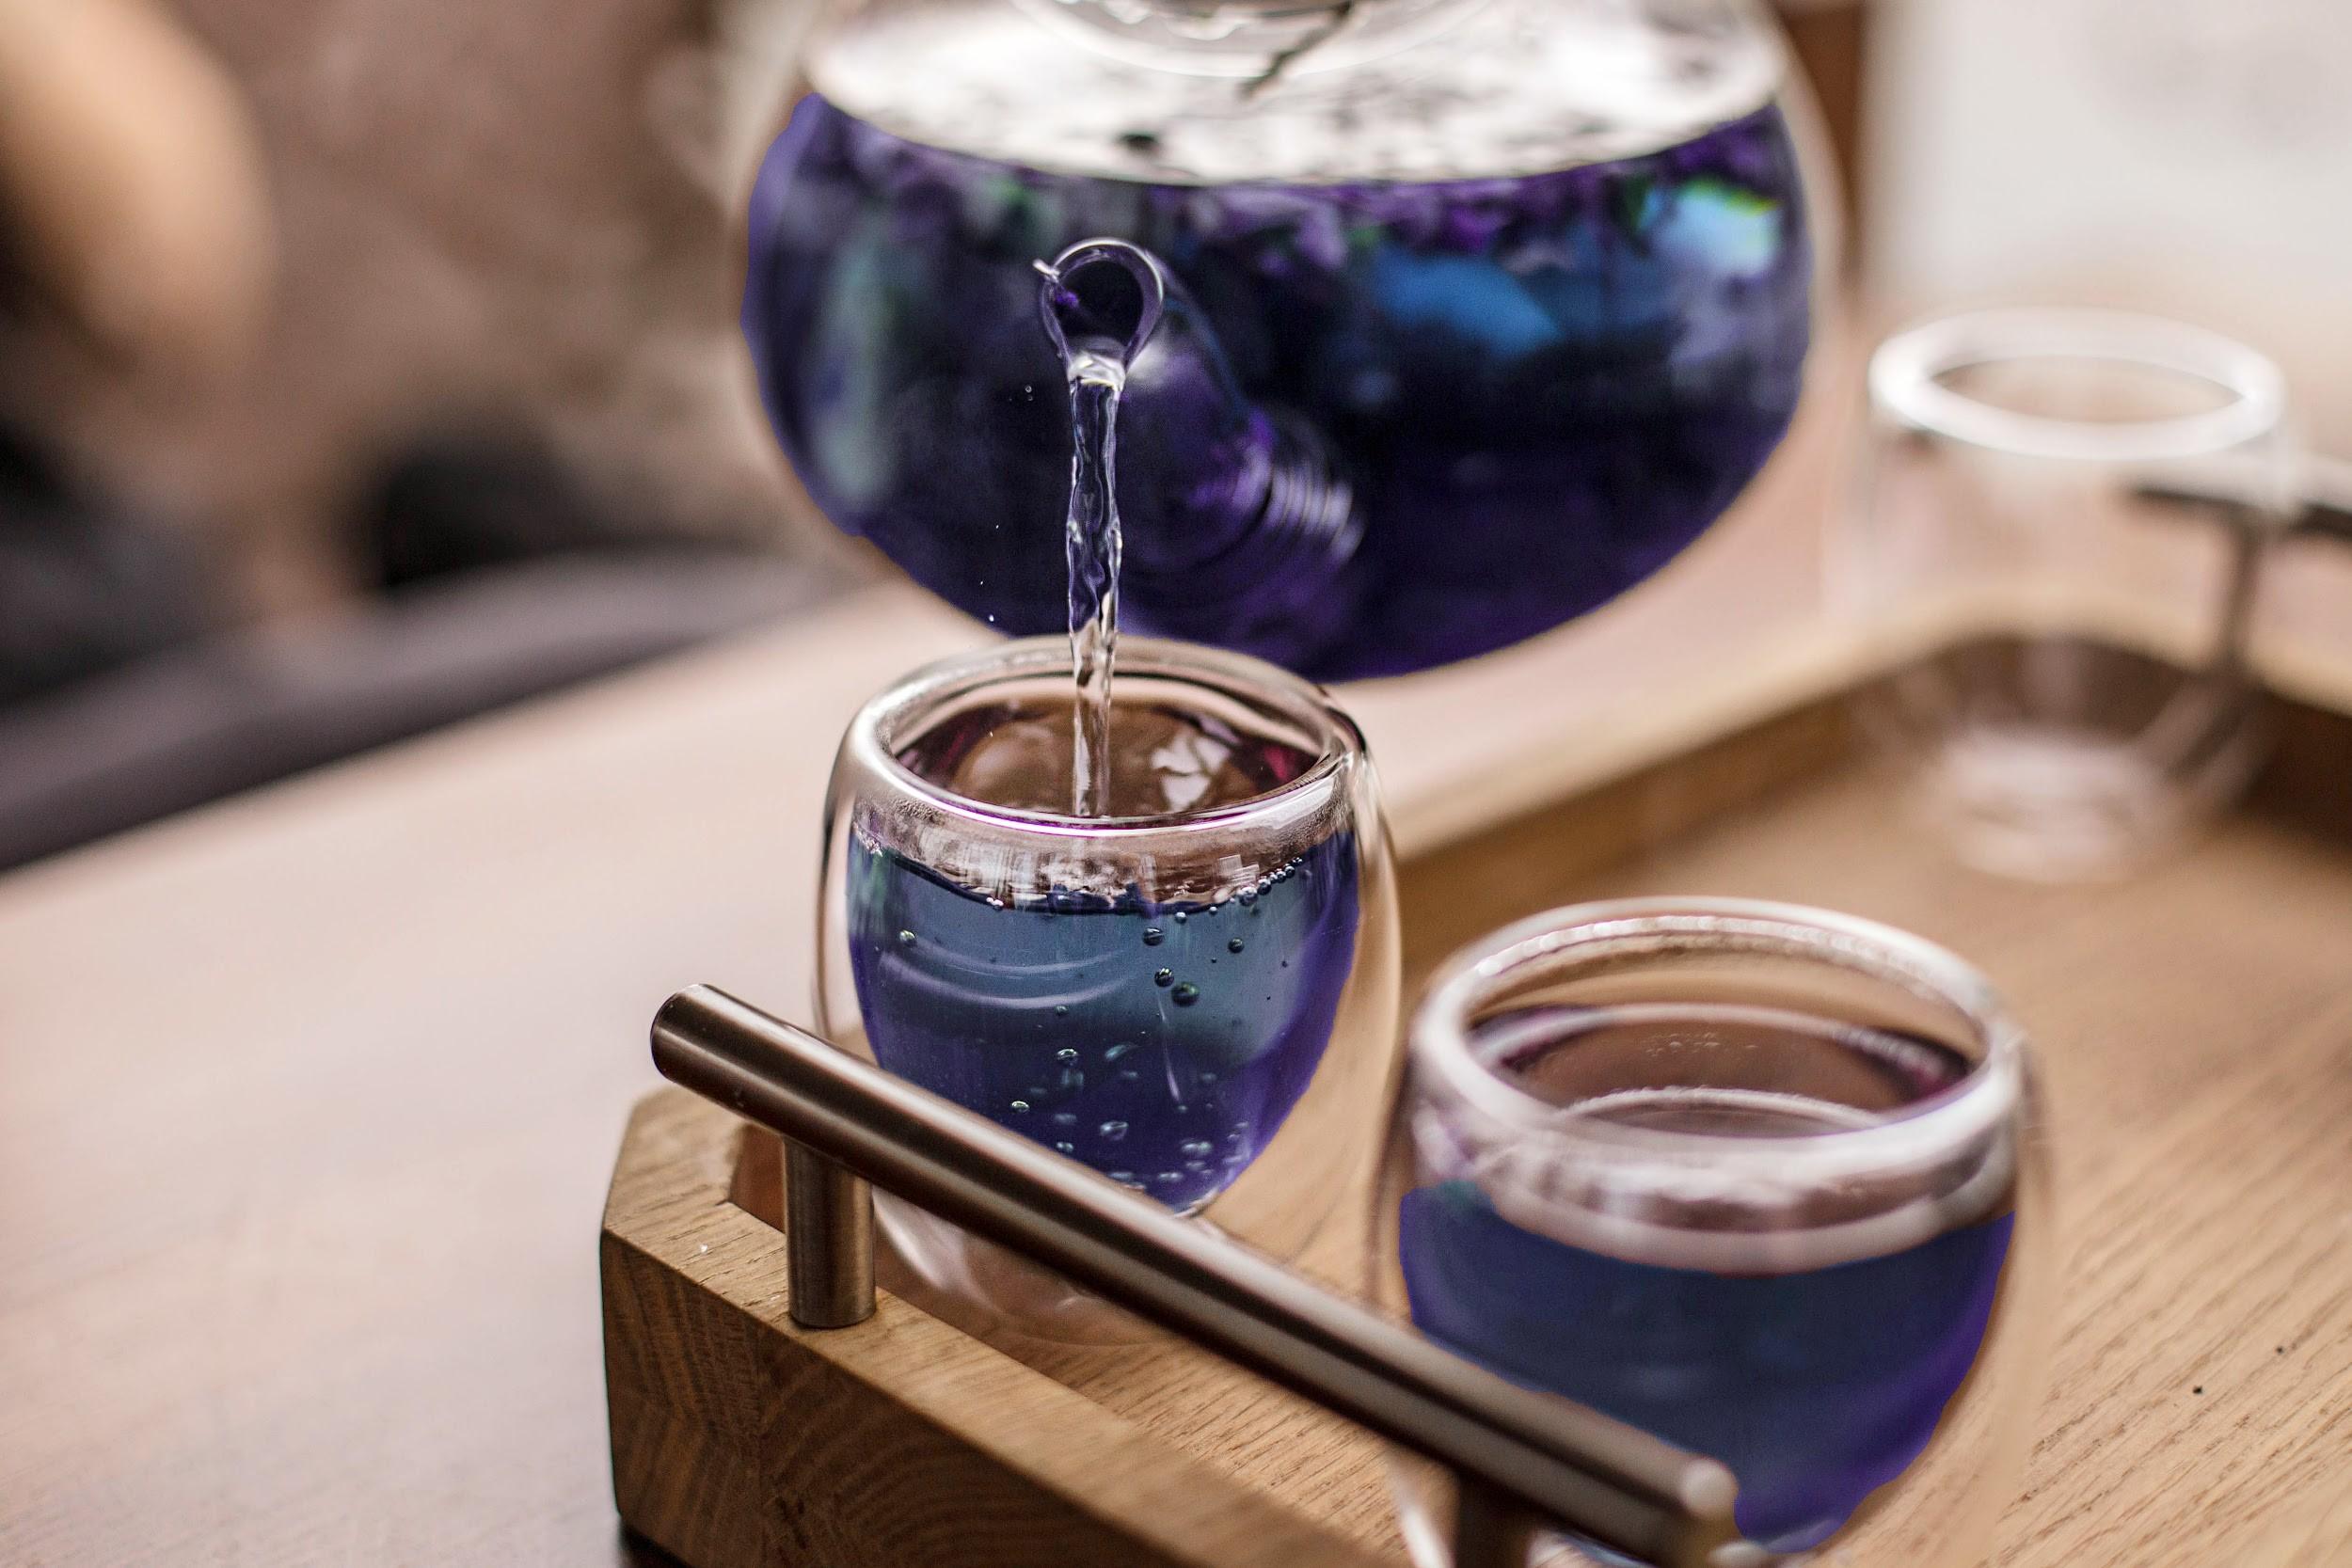 Pha trà hoa đậu biếc bằng nước ấm là cách phổ biến nhất